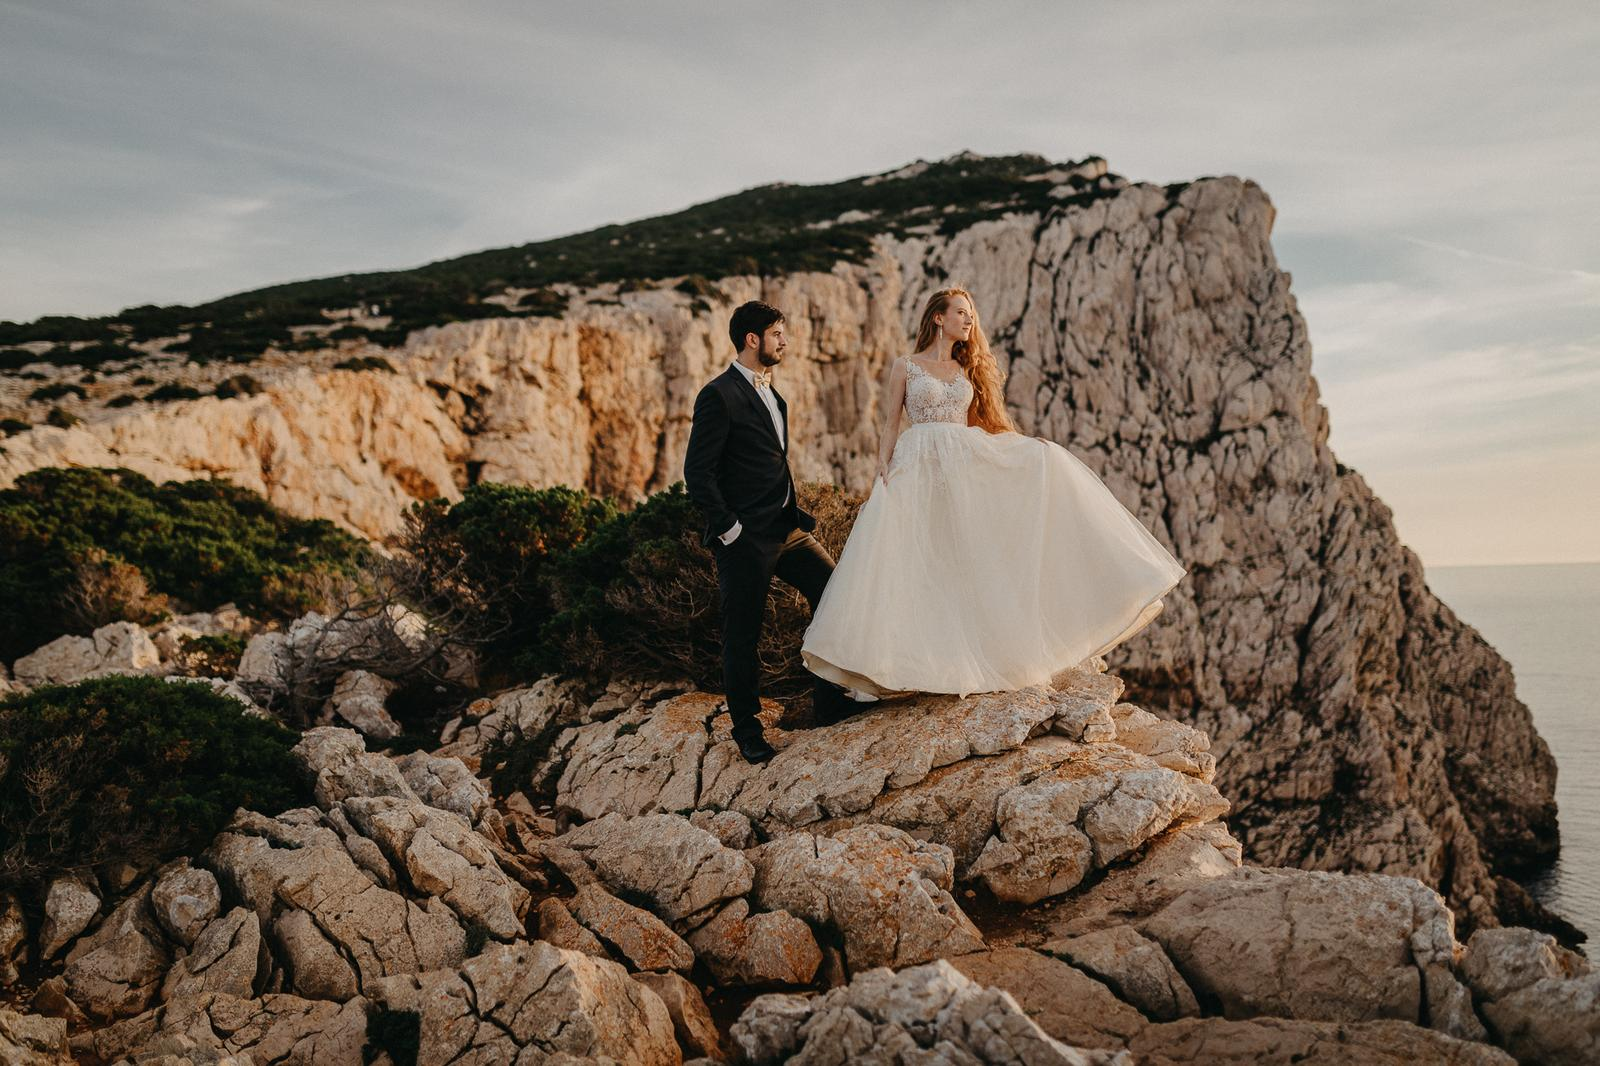 Naše svadobné fotenie na Sardínii - Obrázok č. 90